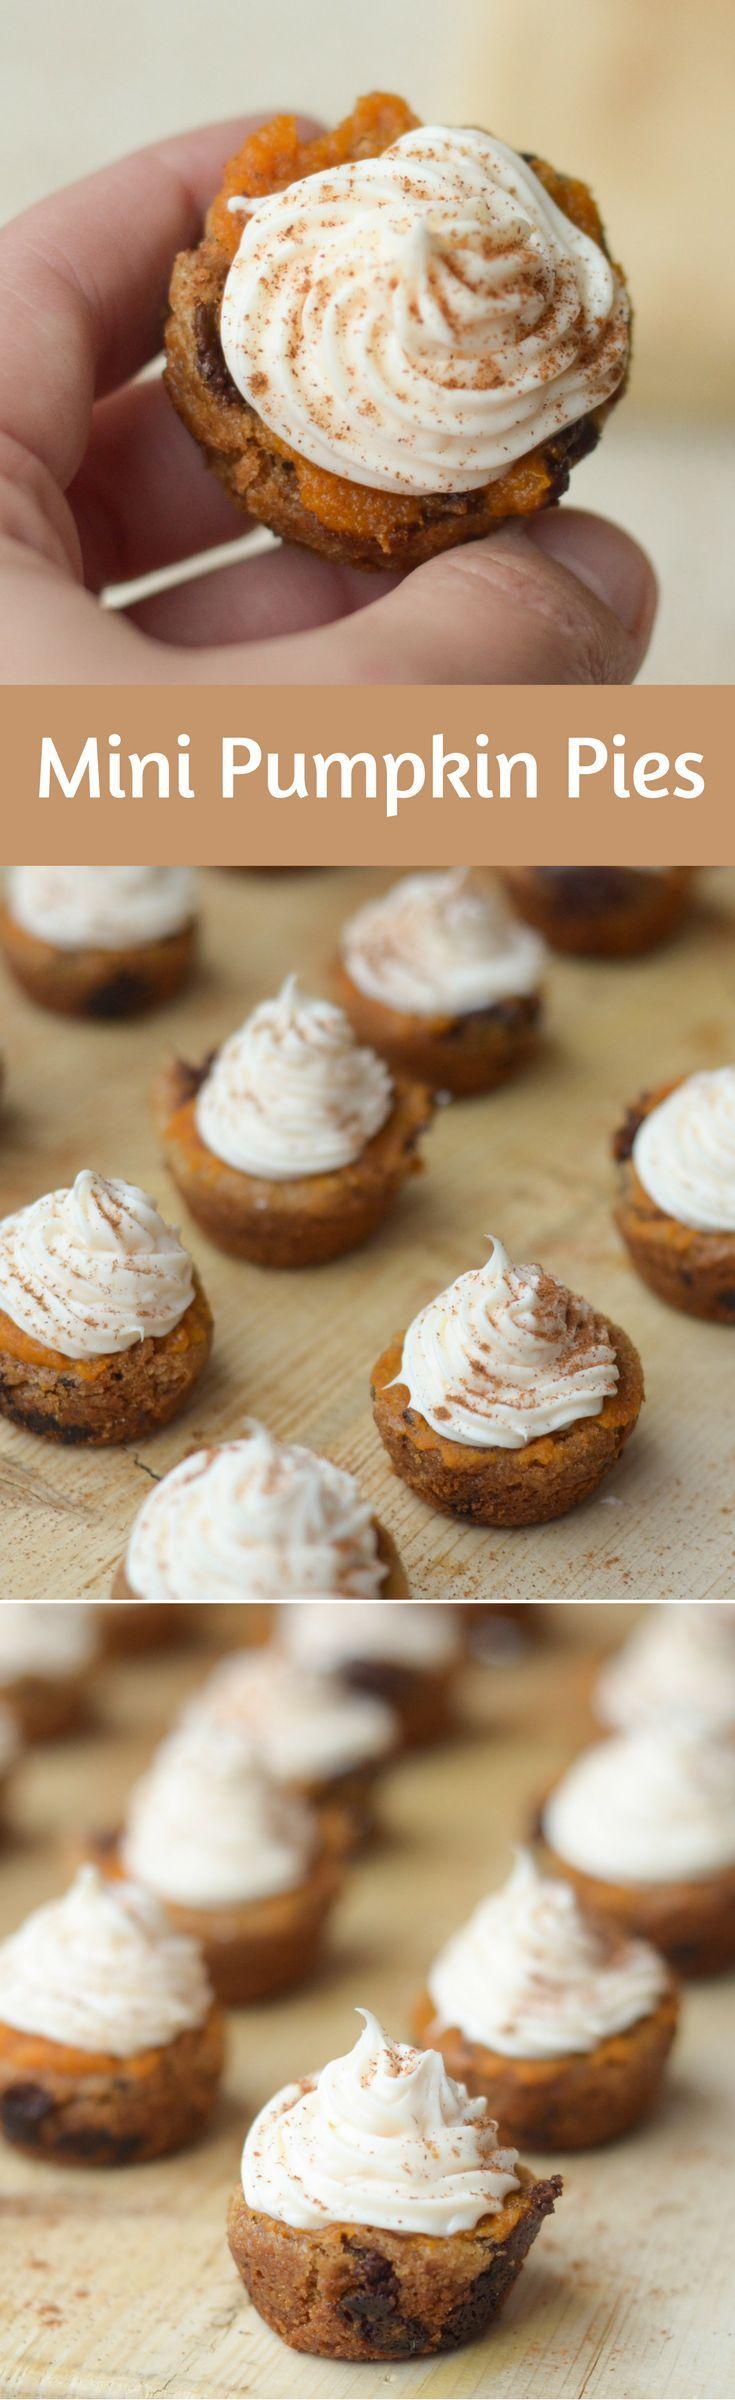 Gluten-Free Mini Pumpkin Pies #ad #immaculatebaking